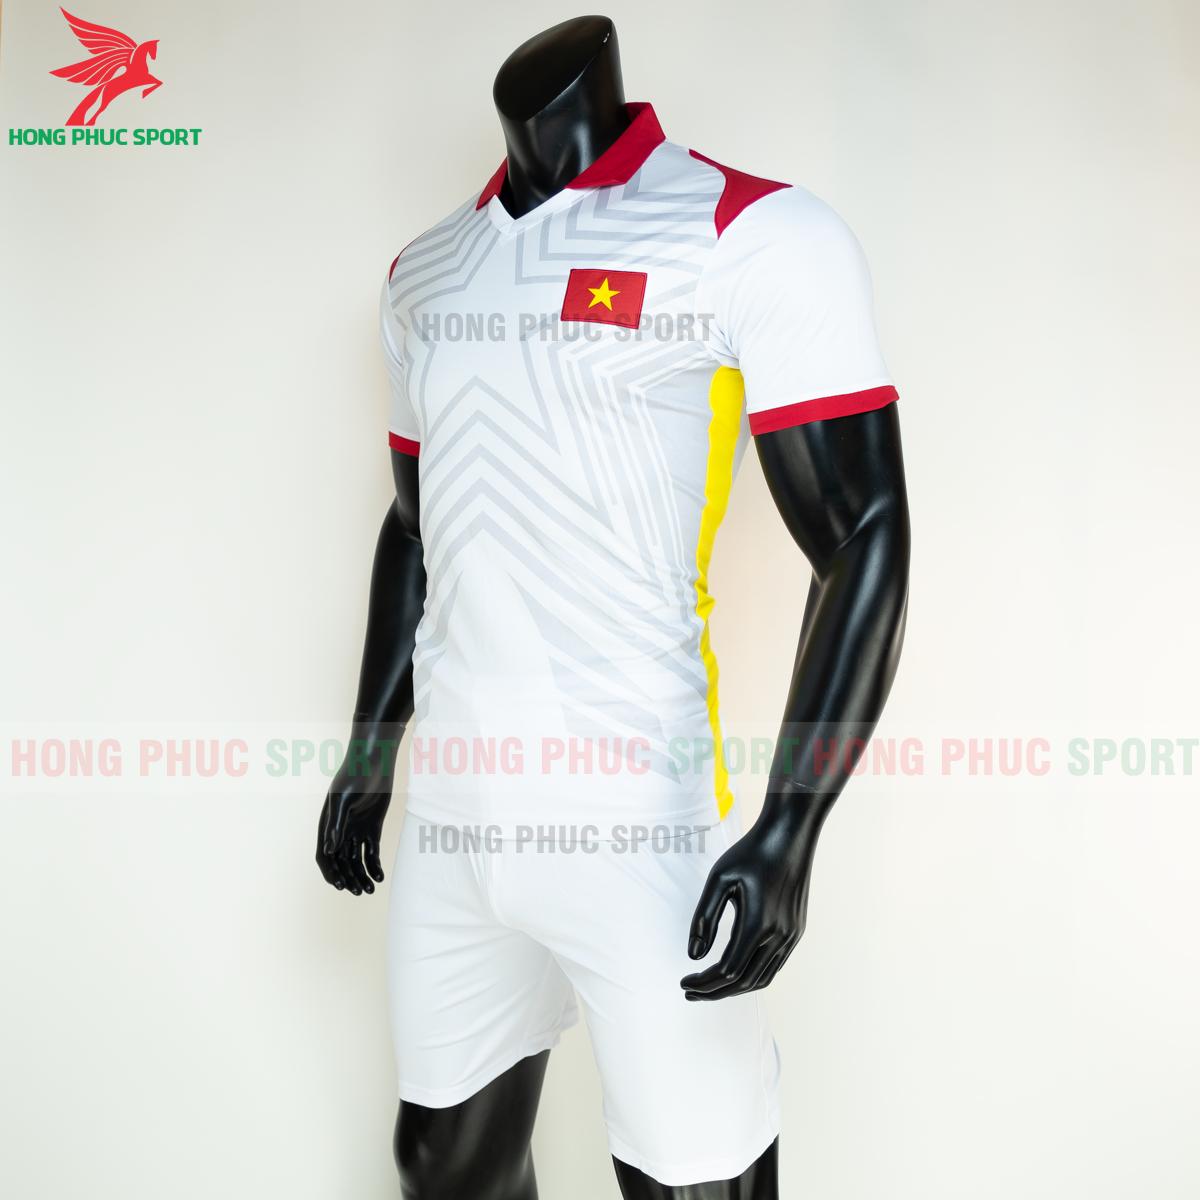 https://cdn.hongphucsport.com/unsafe/s4.shopbay.vn/files/285/ao-bong-da-tuyen-viet-nam-2021-san-khach-6-6050381fcad24.png